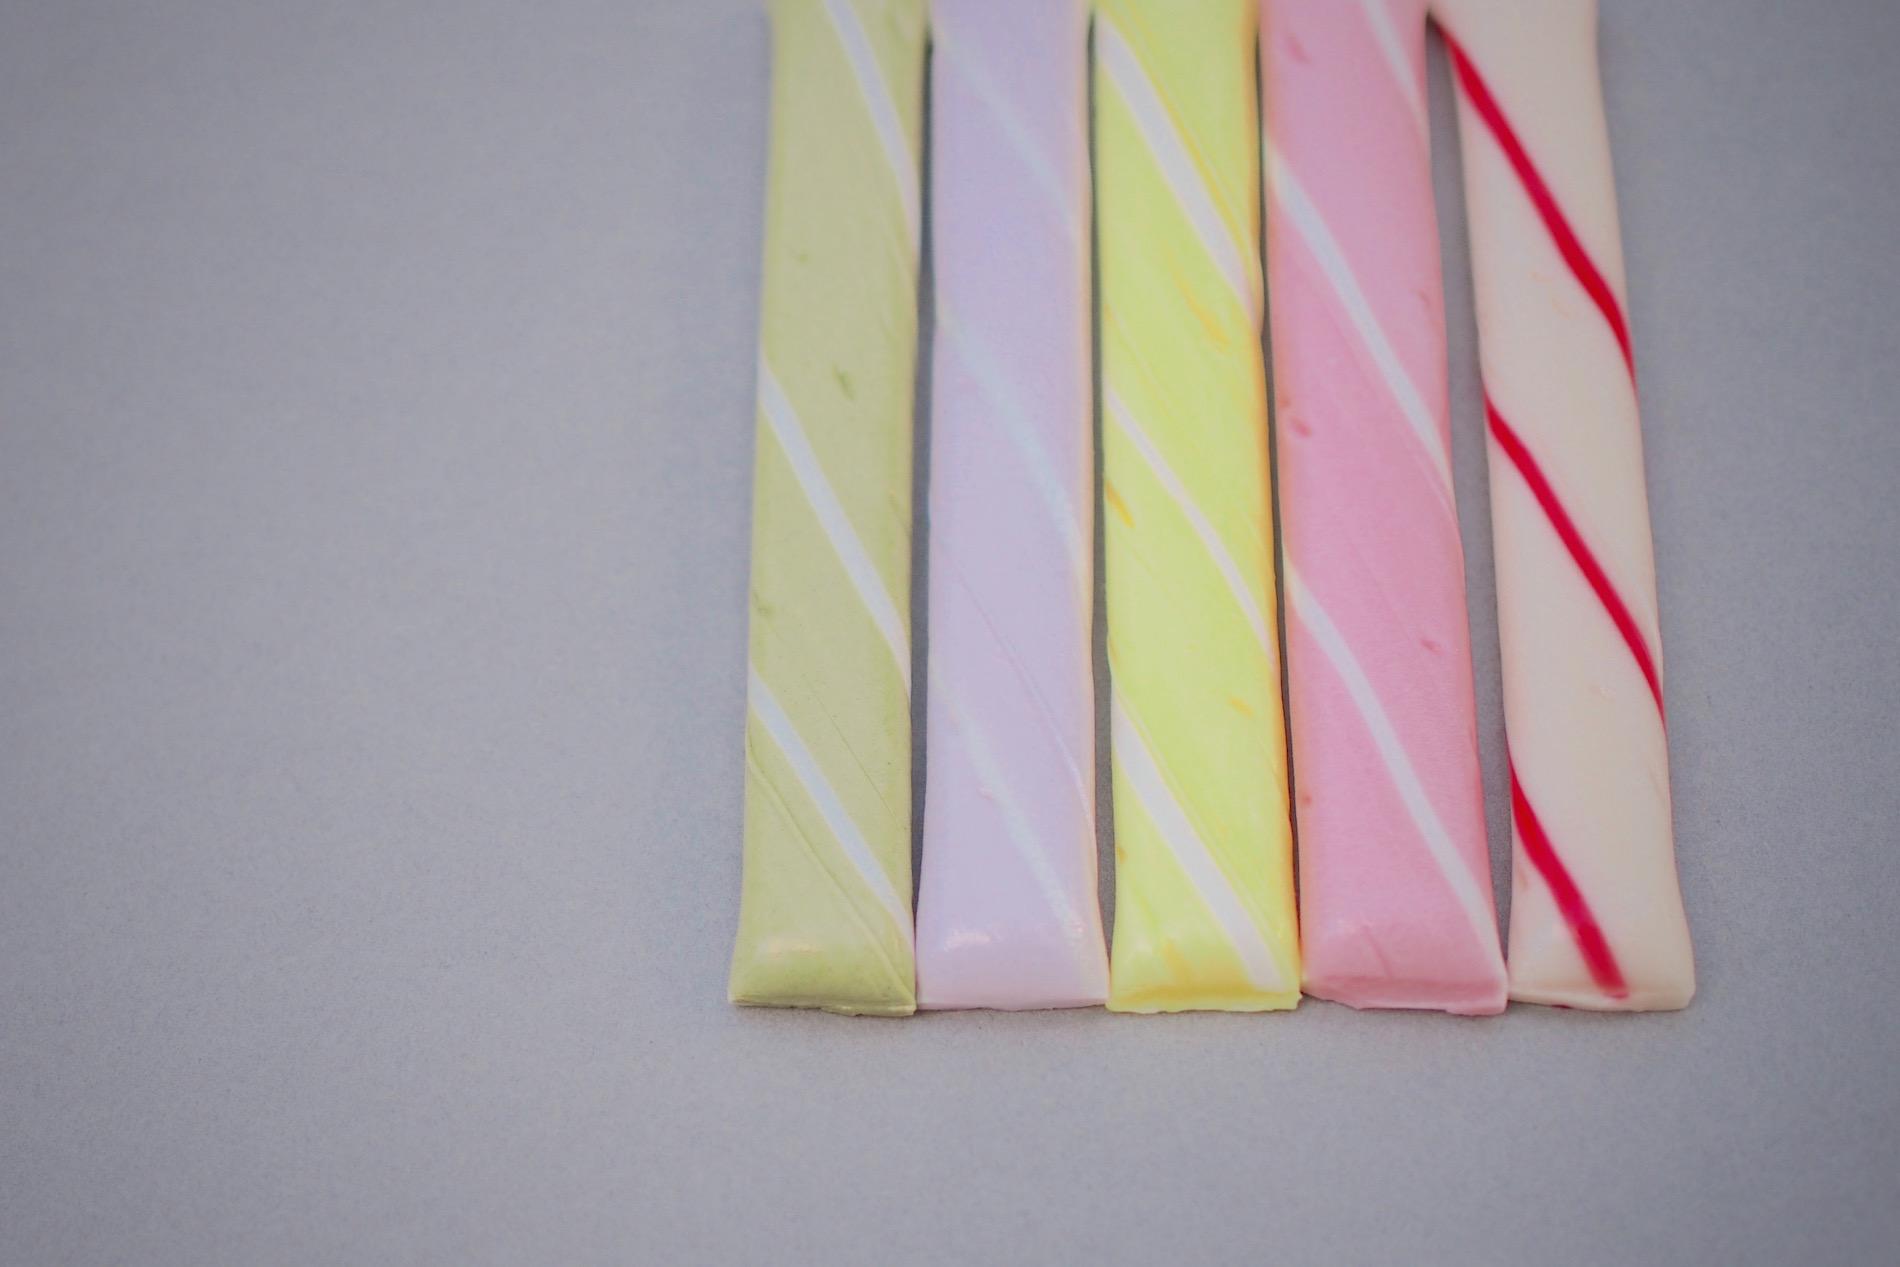 京都 岩井製菓の千歳飴